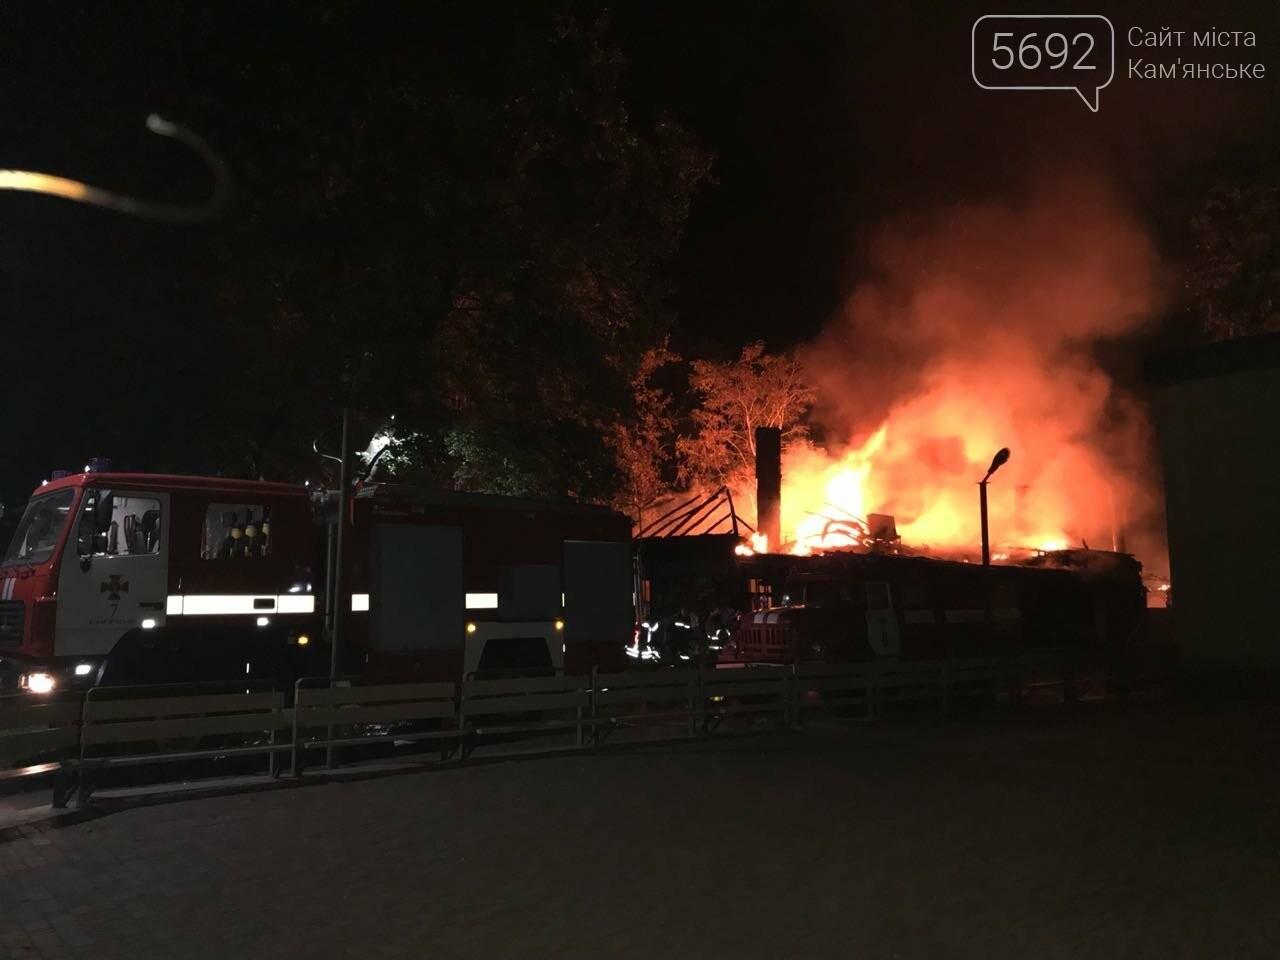 В Каменском подожгли кафе «Каменская реберня», фото-2